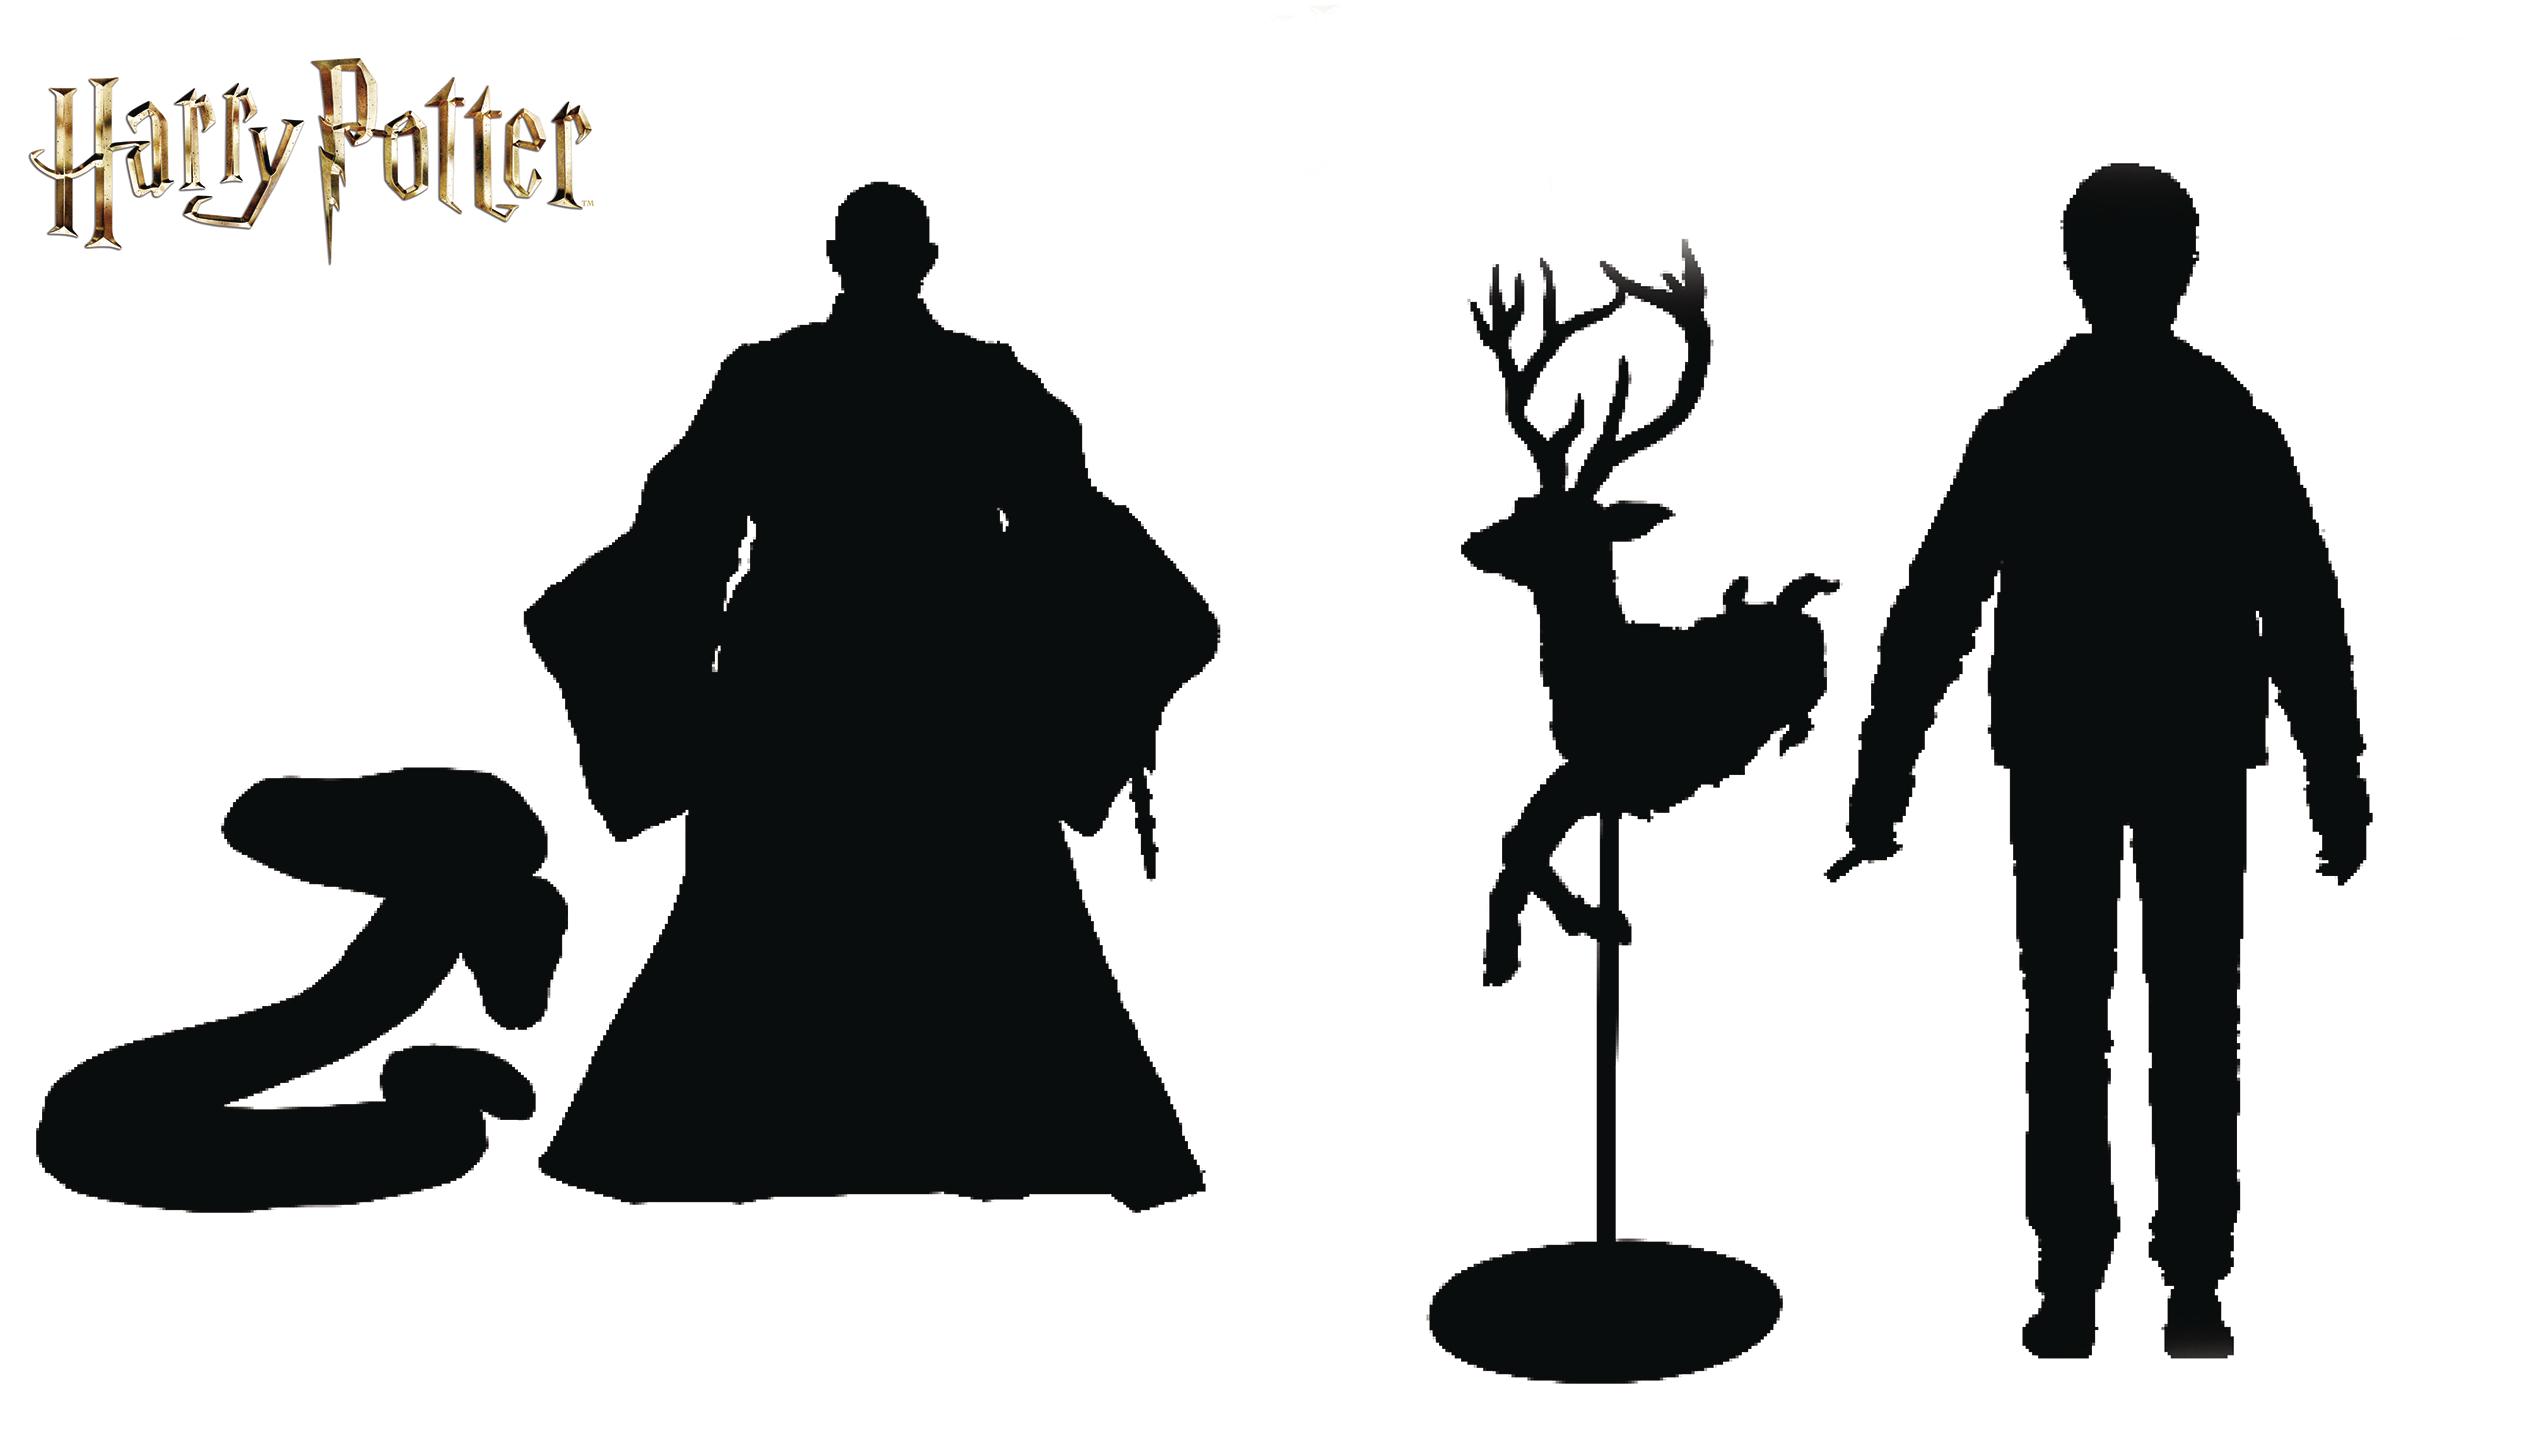 Voldemort, Harry Potter, Bandai, Bandai México, Bandai mexico, figuras de colección, Mcfarlane, Mcfarlane toys, mc farlane, figuras coleccionables, concurso, concurso harry potter, figuras Harry potter, figuras articuladas